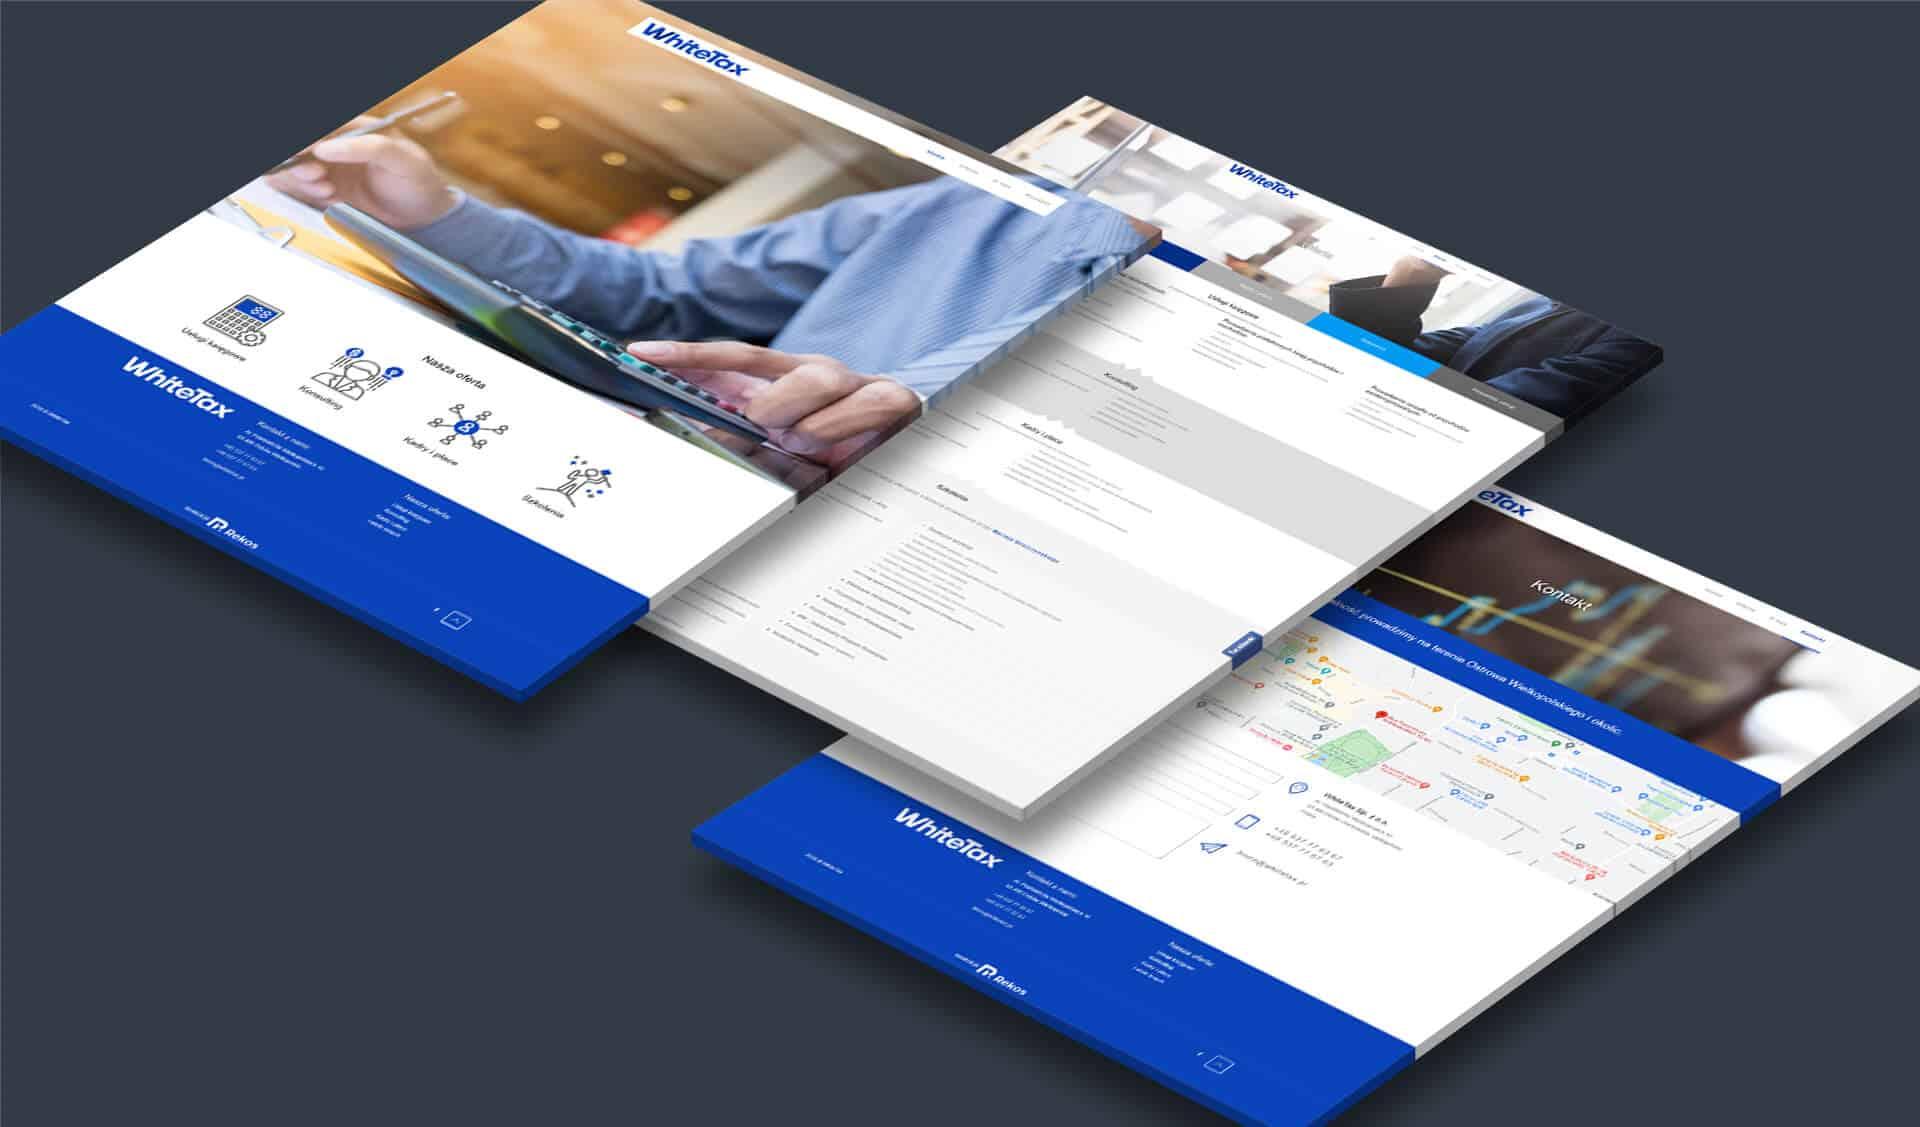 Agencja Reklamowa REKOS - WhiteTax - strona internetowa